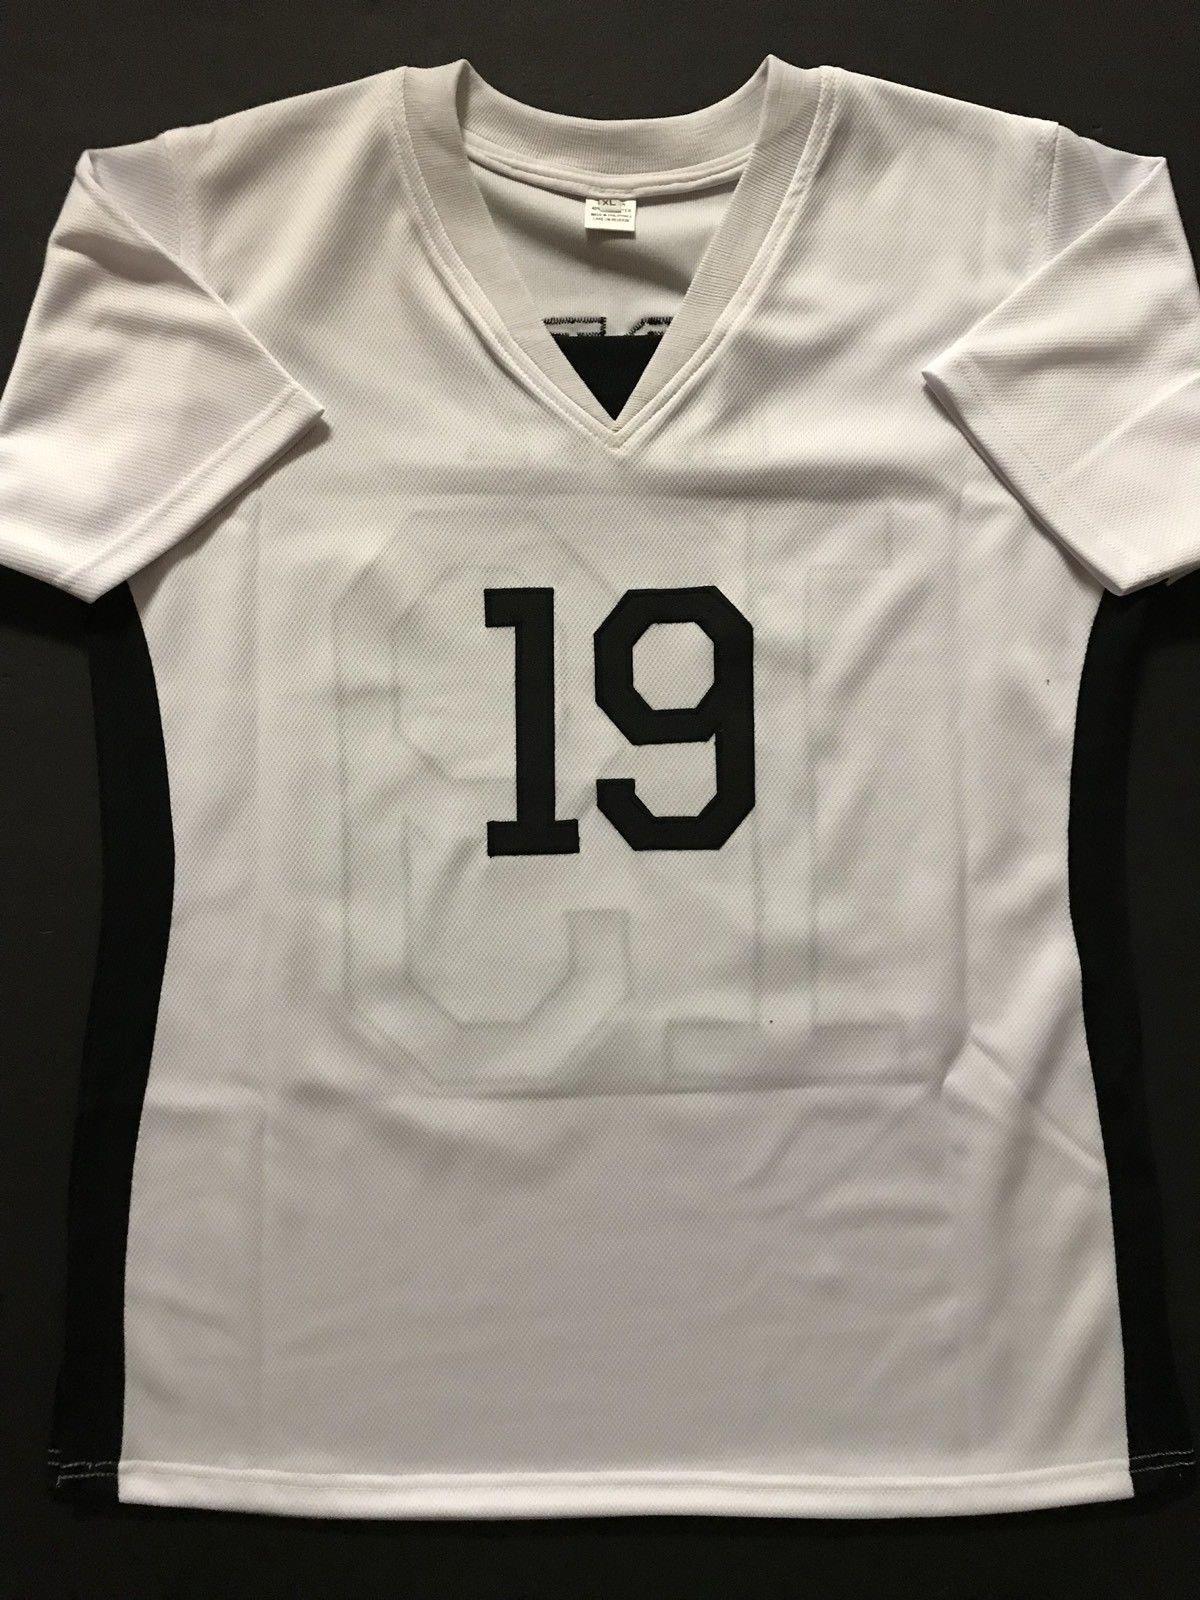 Autographed/Signed Julie Ertz (Johnston) White Soccer Team USA World Cup Jersey JSA COA